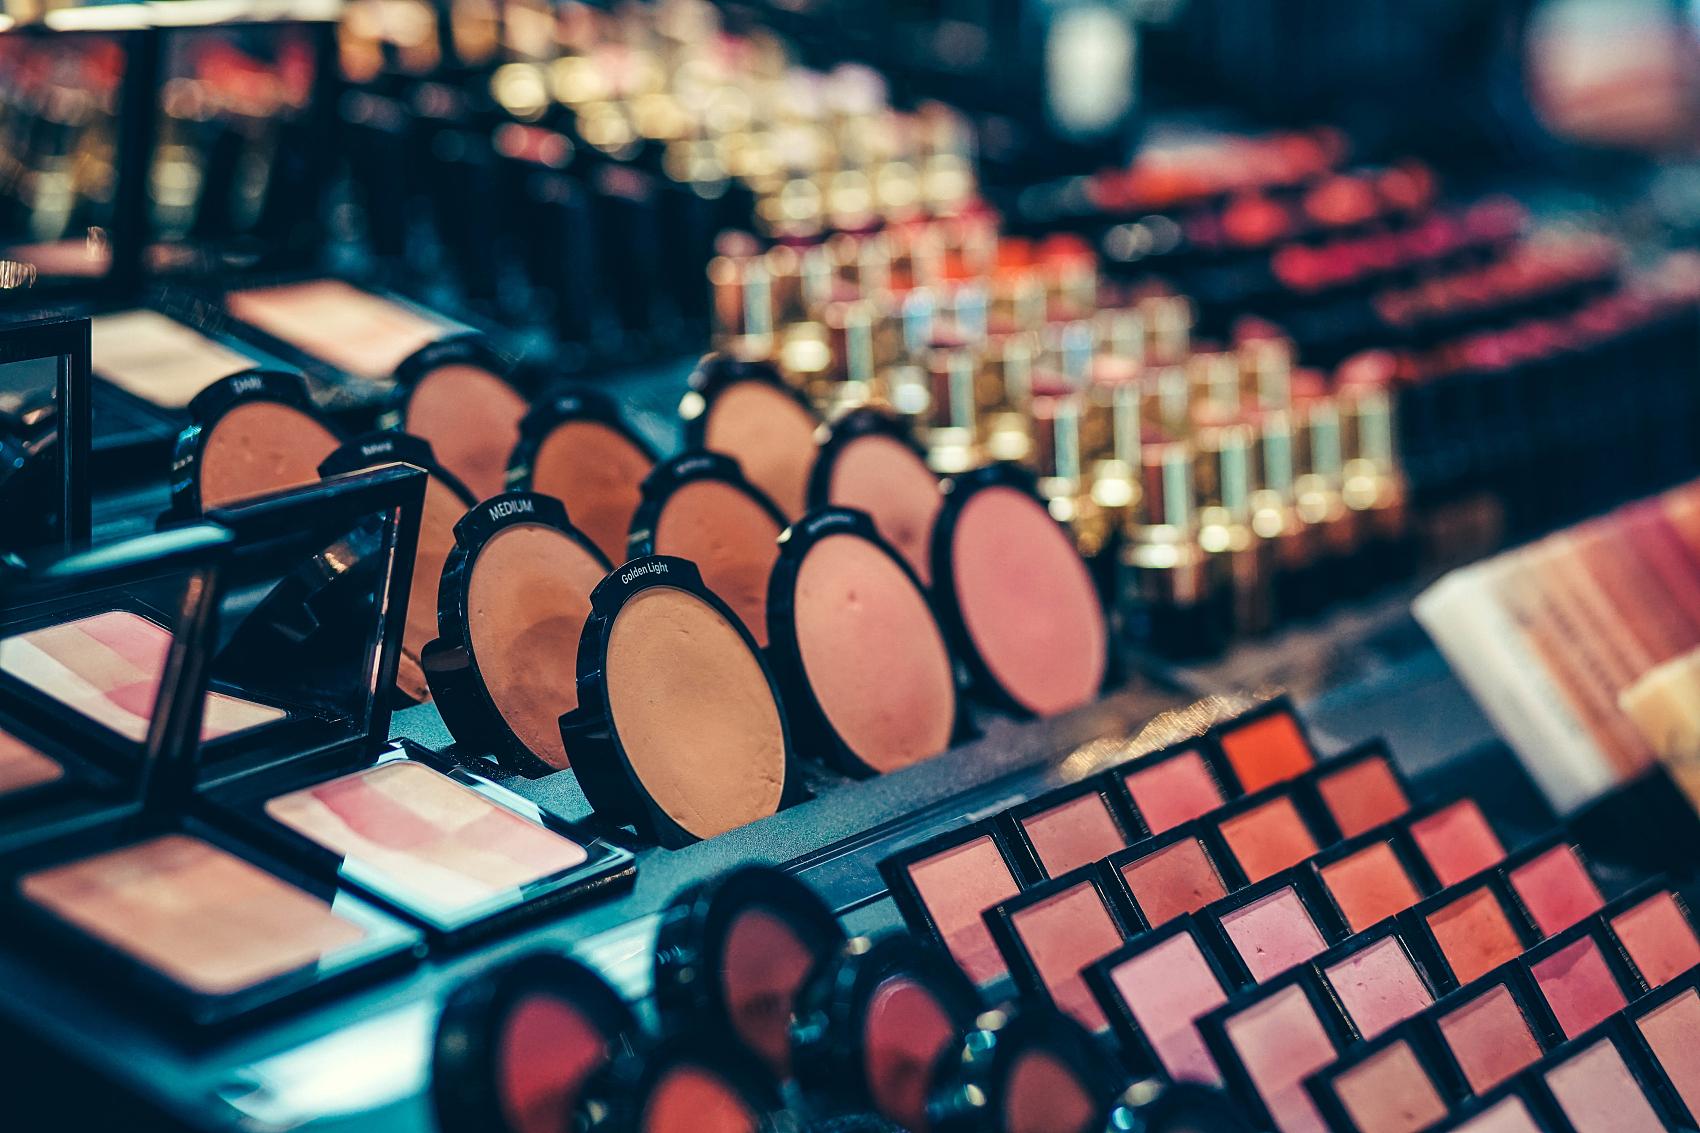 新生代美妆零售登场,购物中心旧爱换新颜